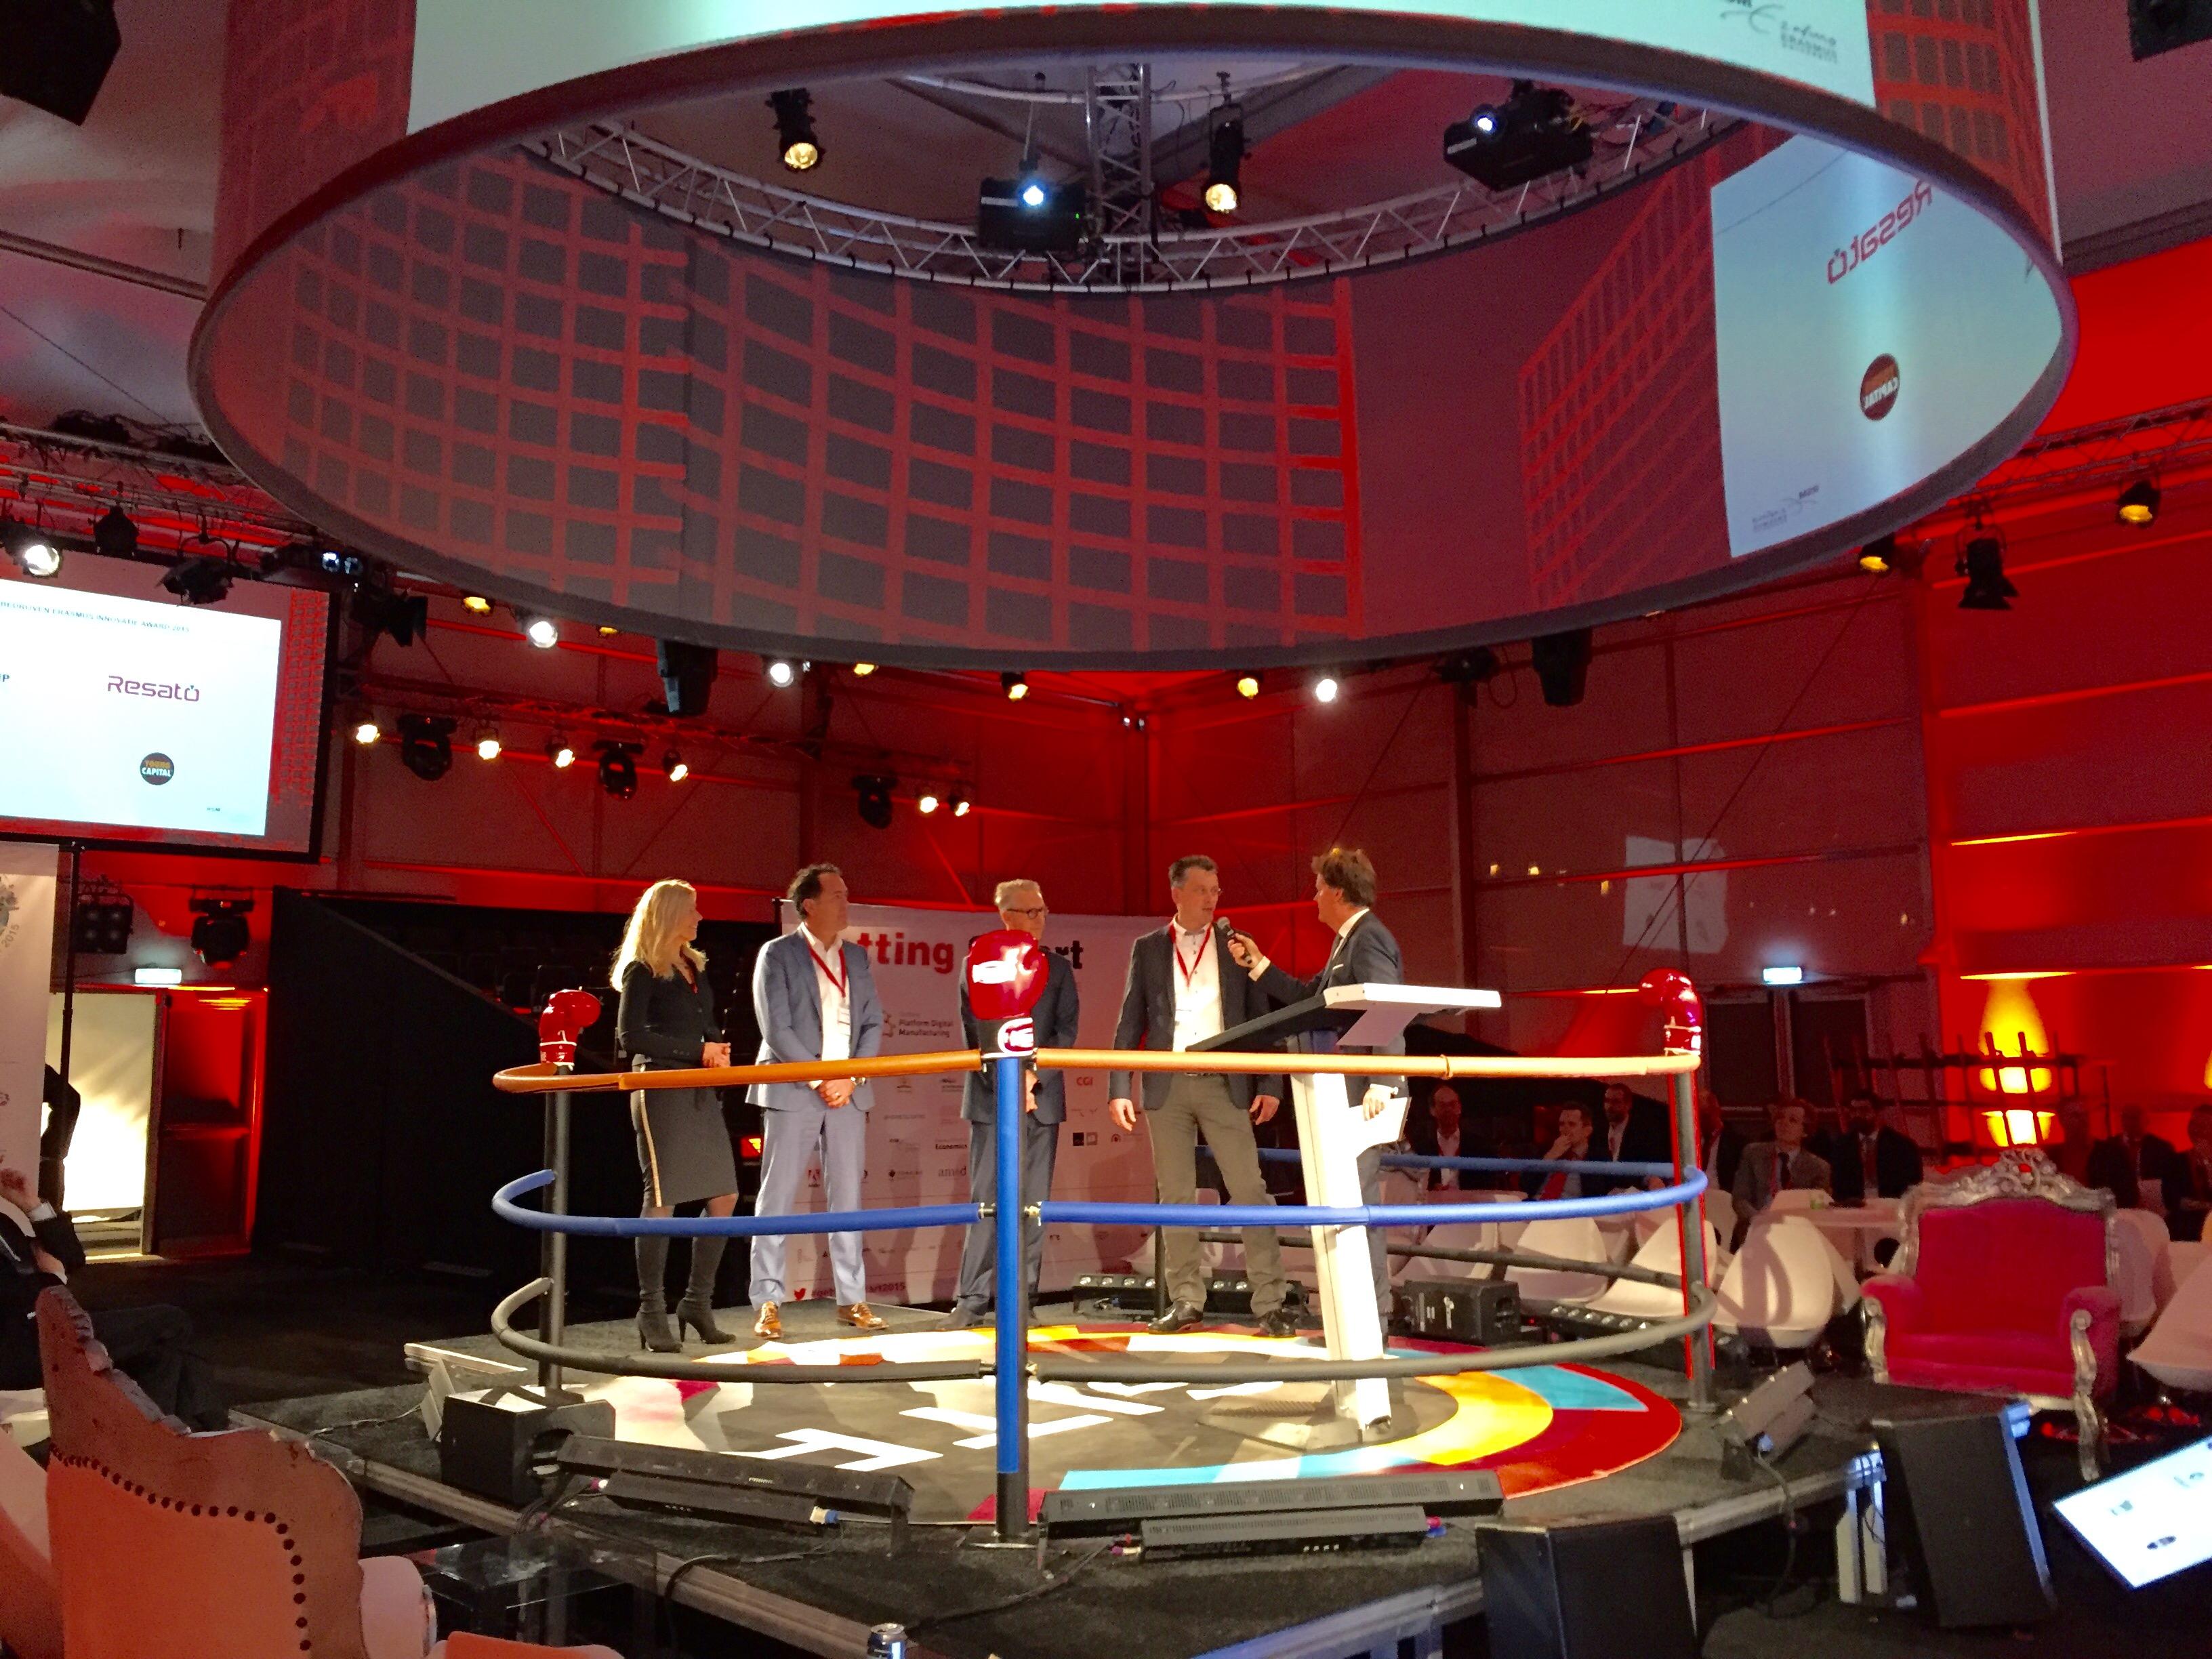 Erasmus Innovatie Award 2015 - TrackJack